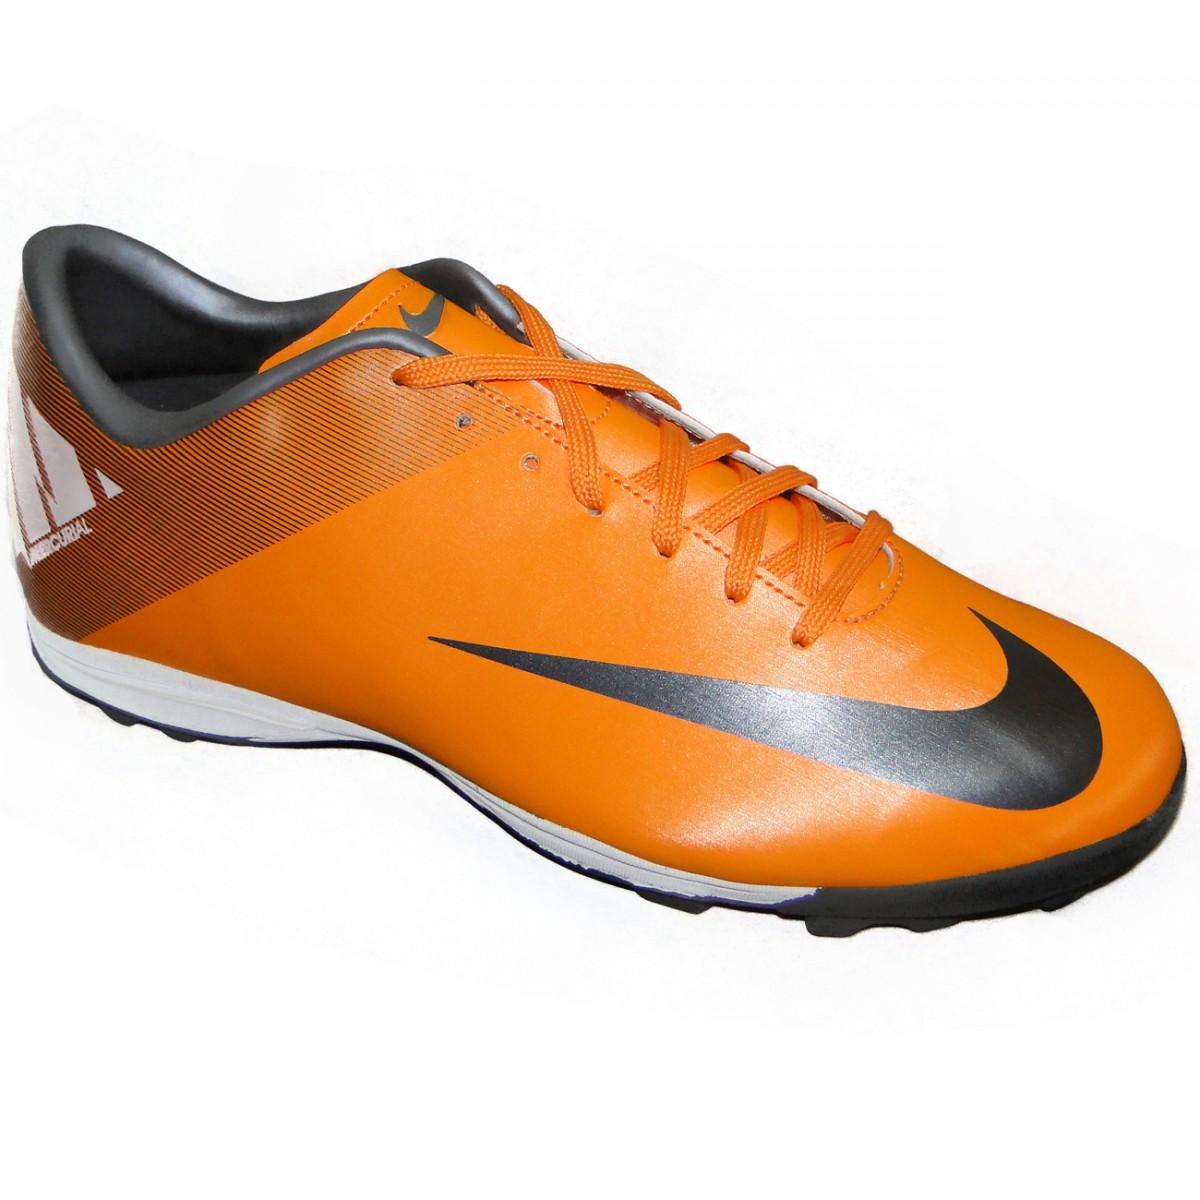 2261fc37f9635 Chuteira Society Nike Mercurial Victory Ii 9827 - LARANJA/PRETO - Chuteira  Nike, Adidas. Sandalias Femininas. Sandy Calçados